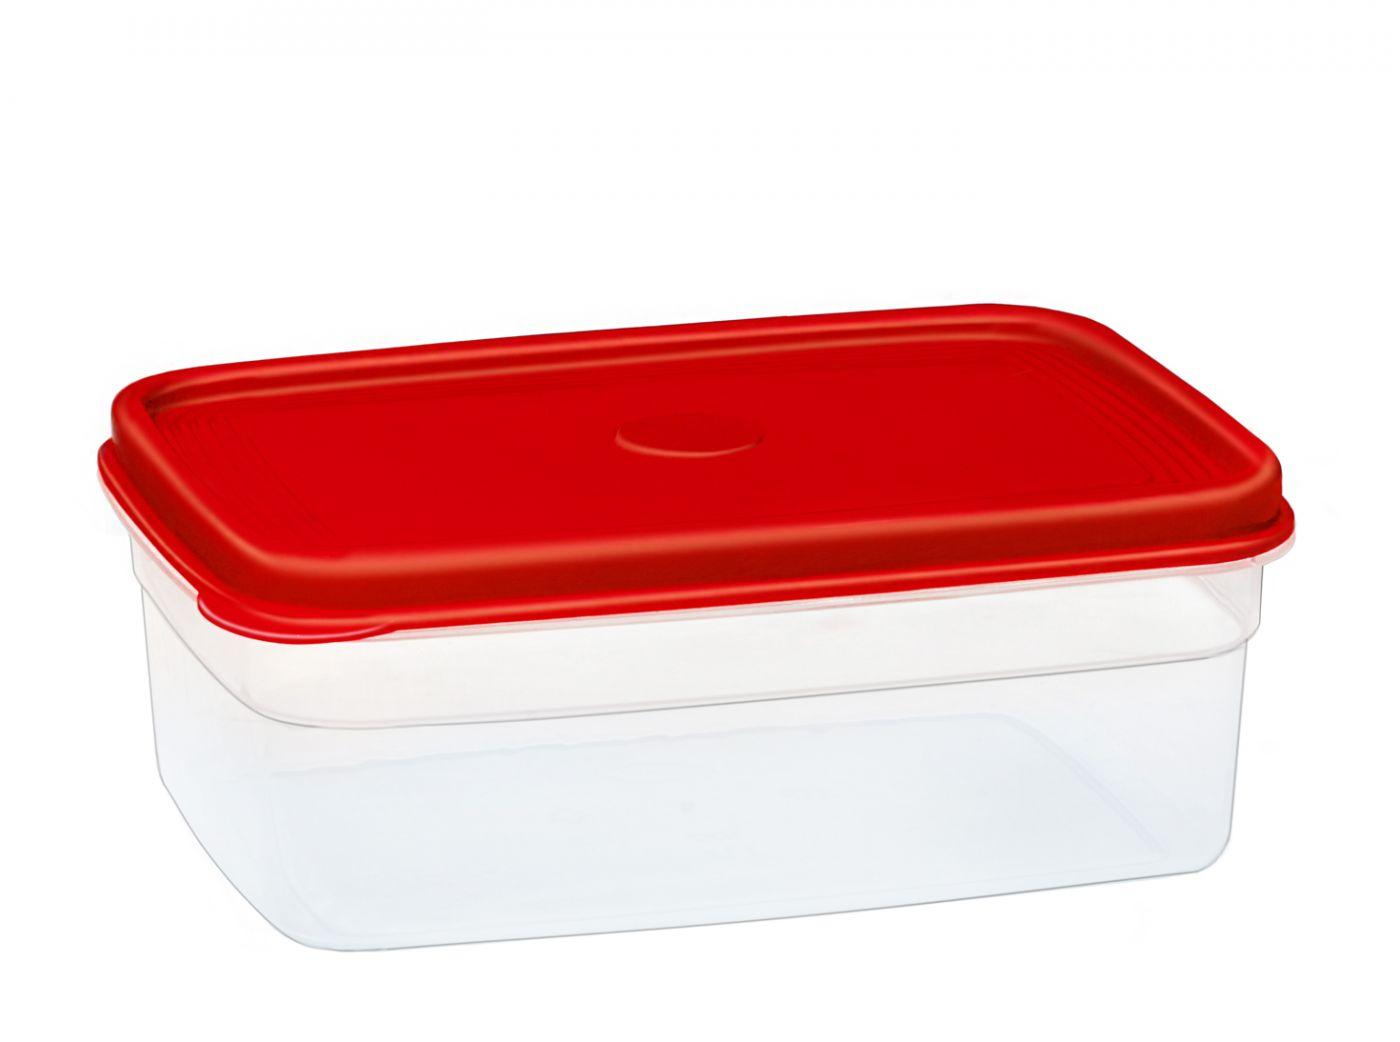 Бутербродница прямоугольная 1,7 литра Эльфпласт контейнер для хранения еды с крышкой 22x15,8x8 см